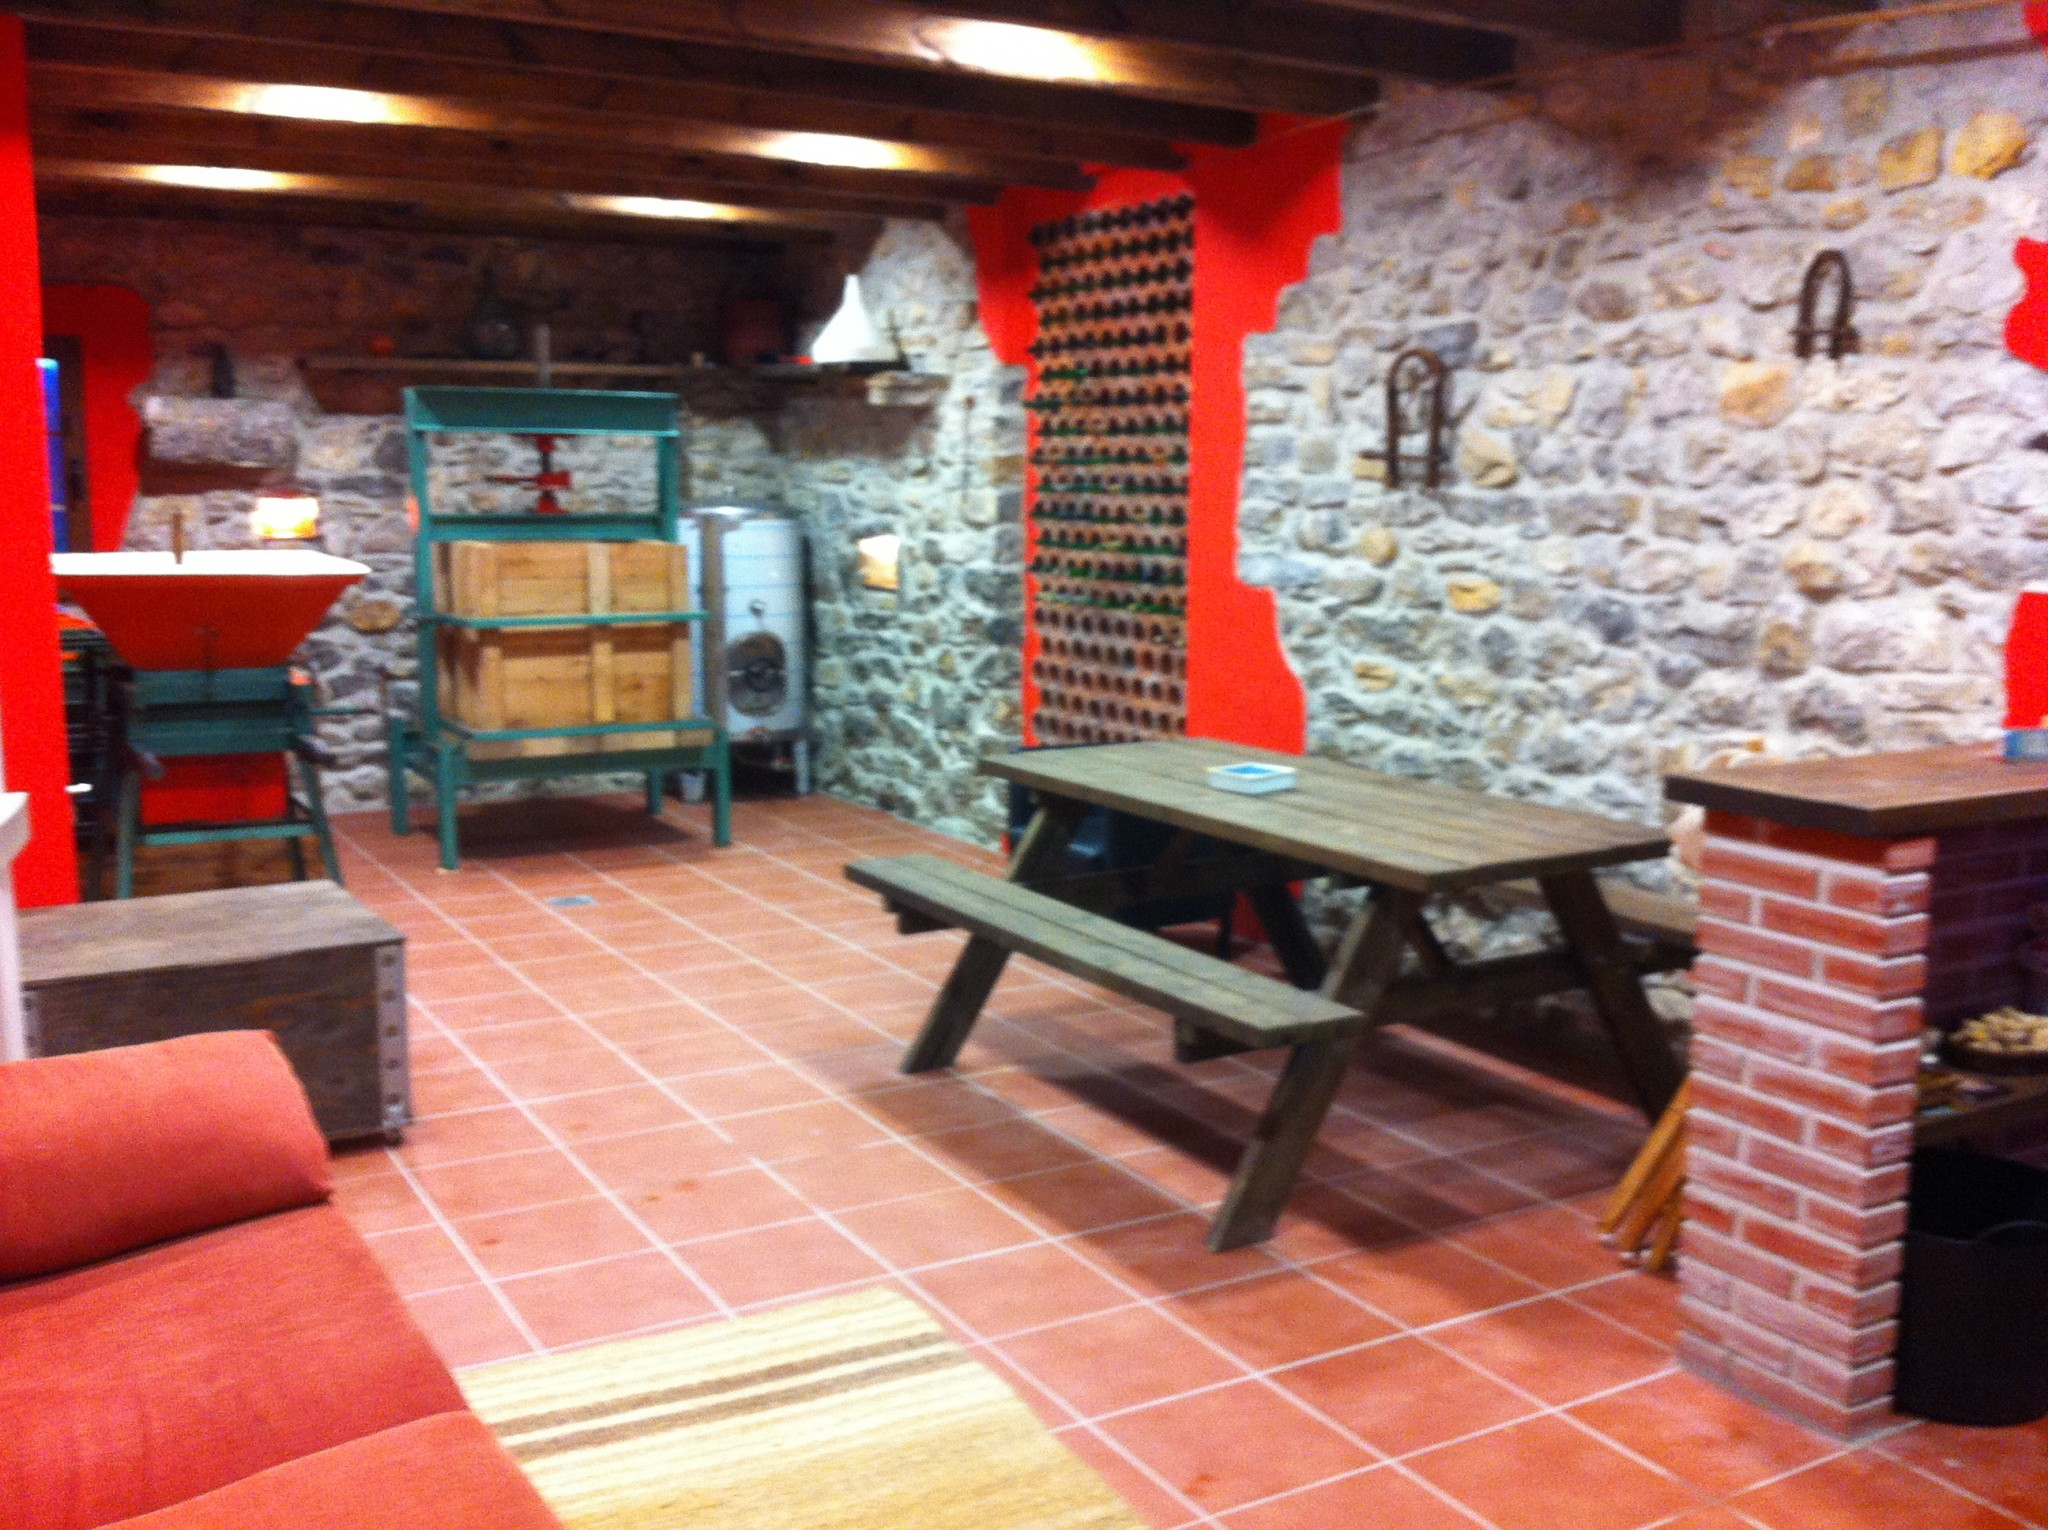 Cider cellar ribadesella Rincon de Sella